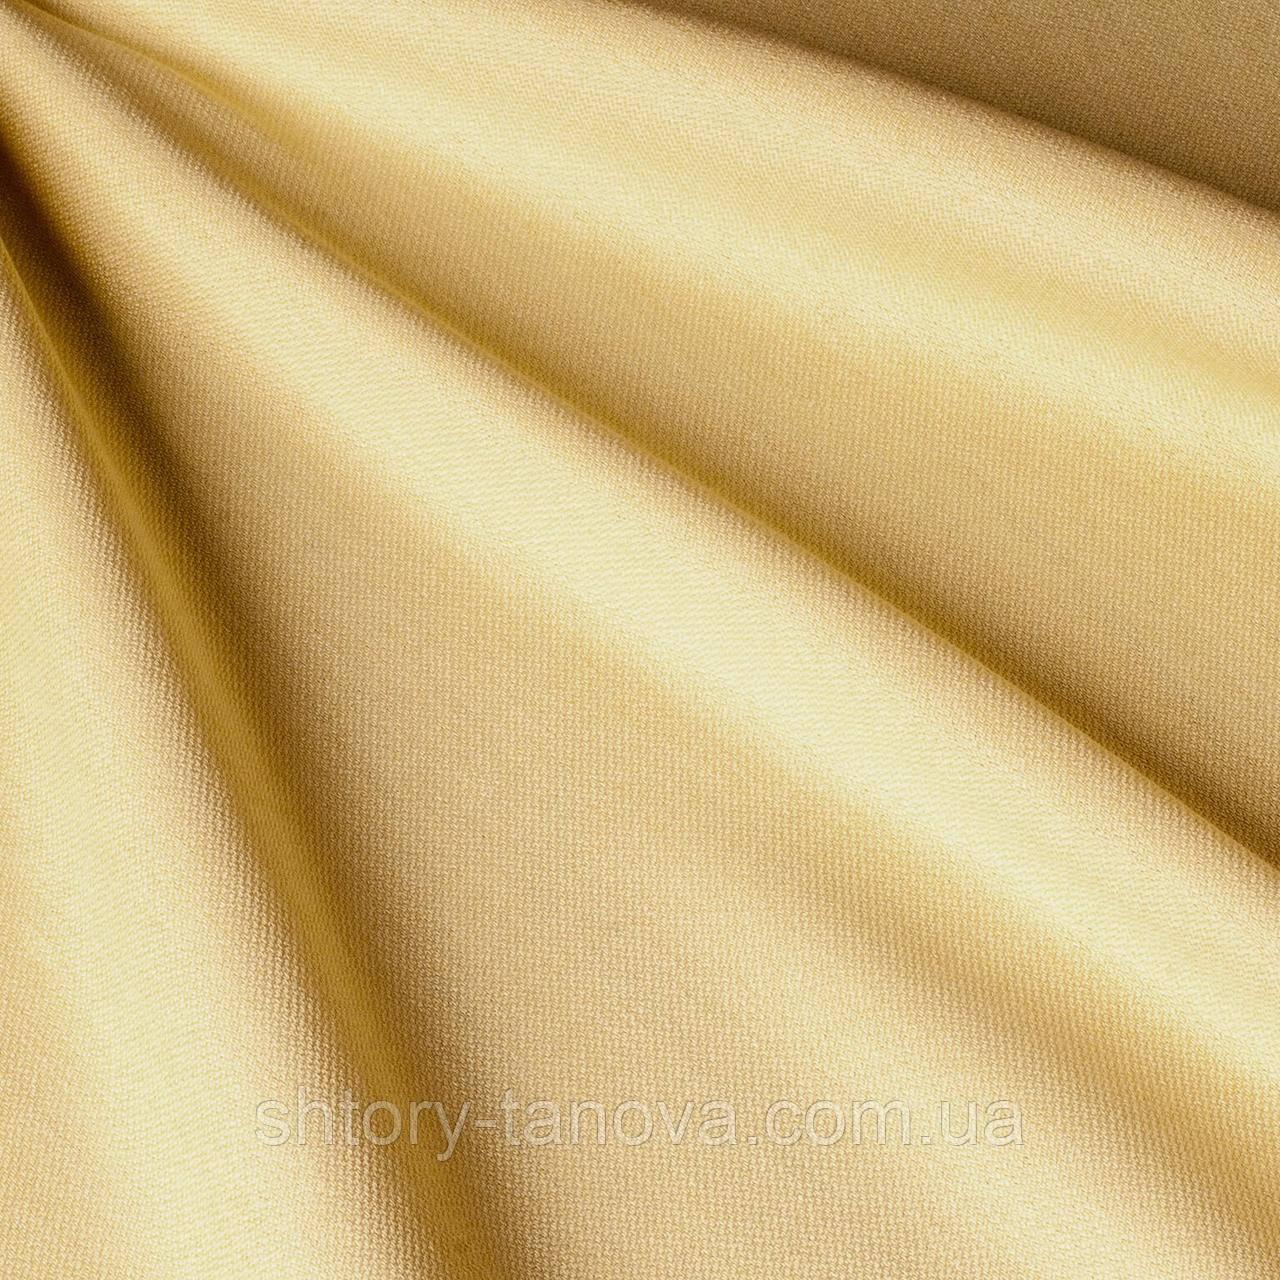 Дралон однотонный с тефлоновым покрытием, песочный